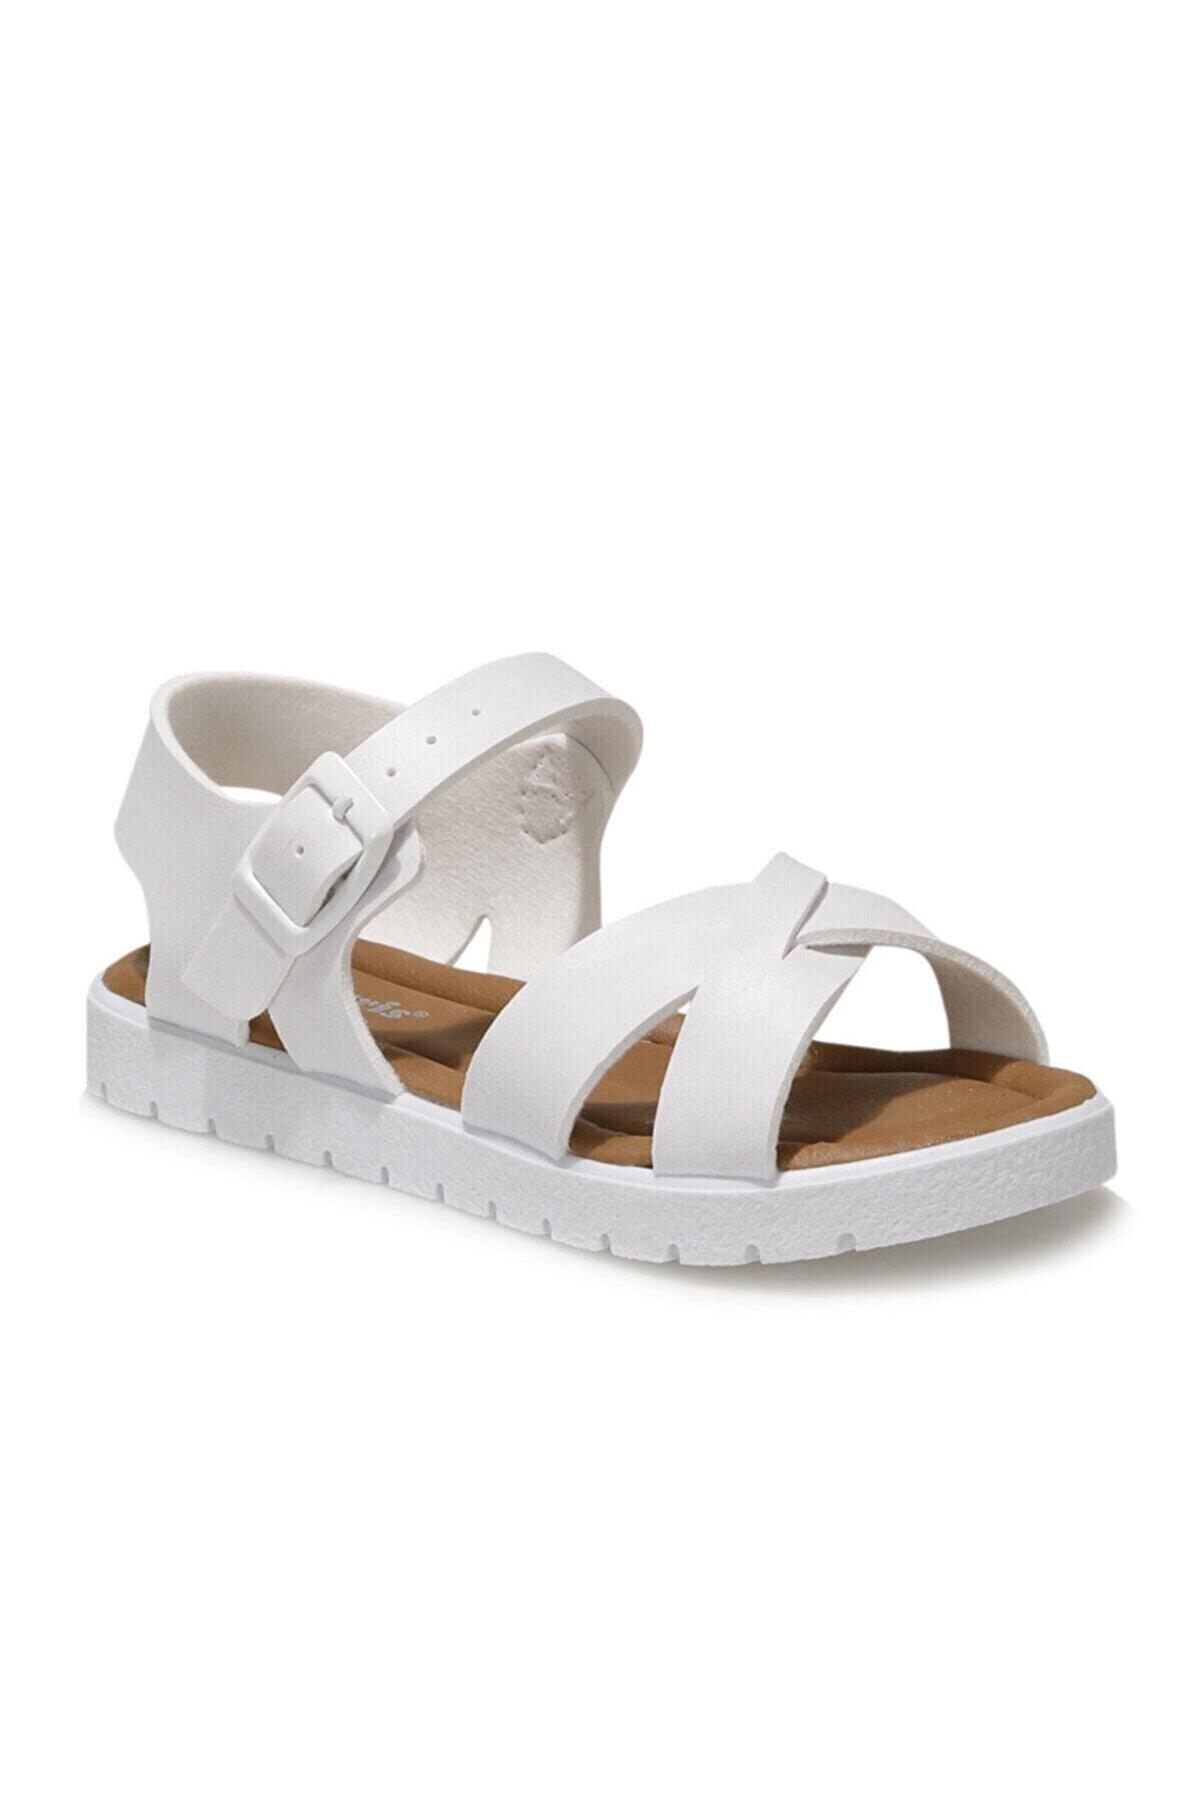 Polaris 508159.P1FX Beyaz Kız Çocuk Sandalet 101010671